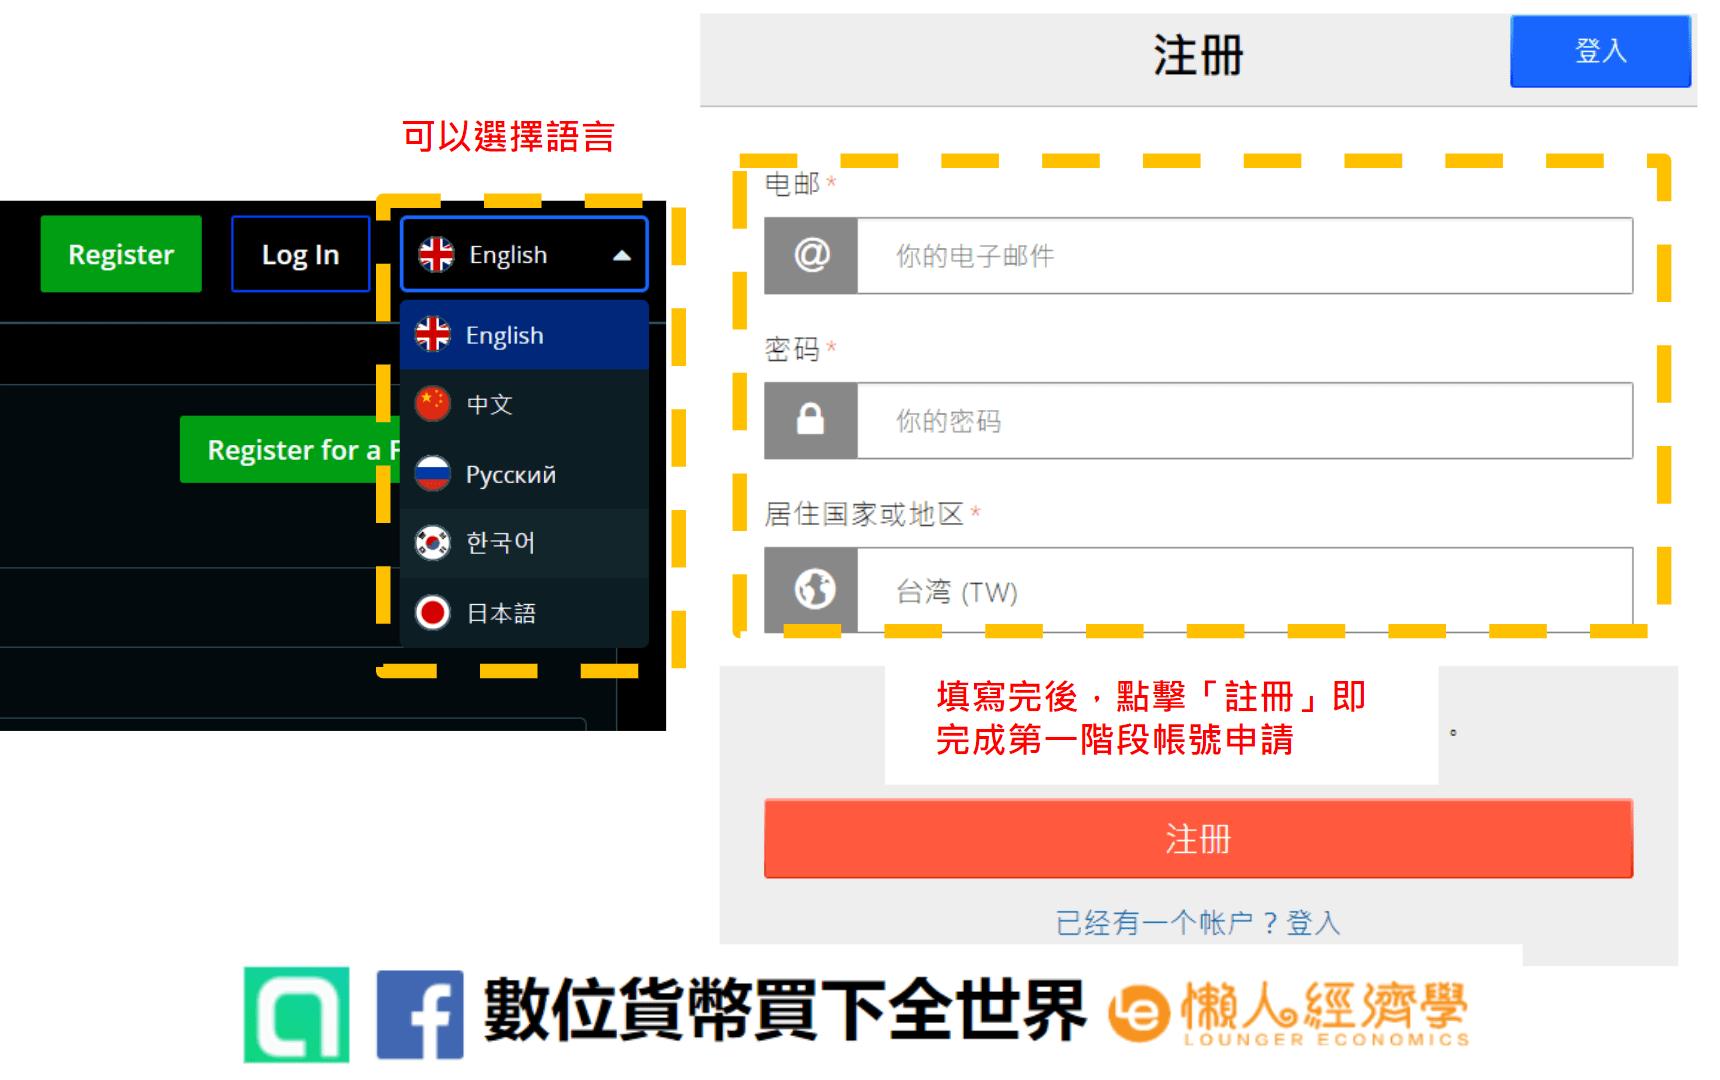 註冊BitMEX教學,用戶也可透過在BitMEX app來註冊帳號